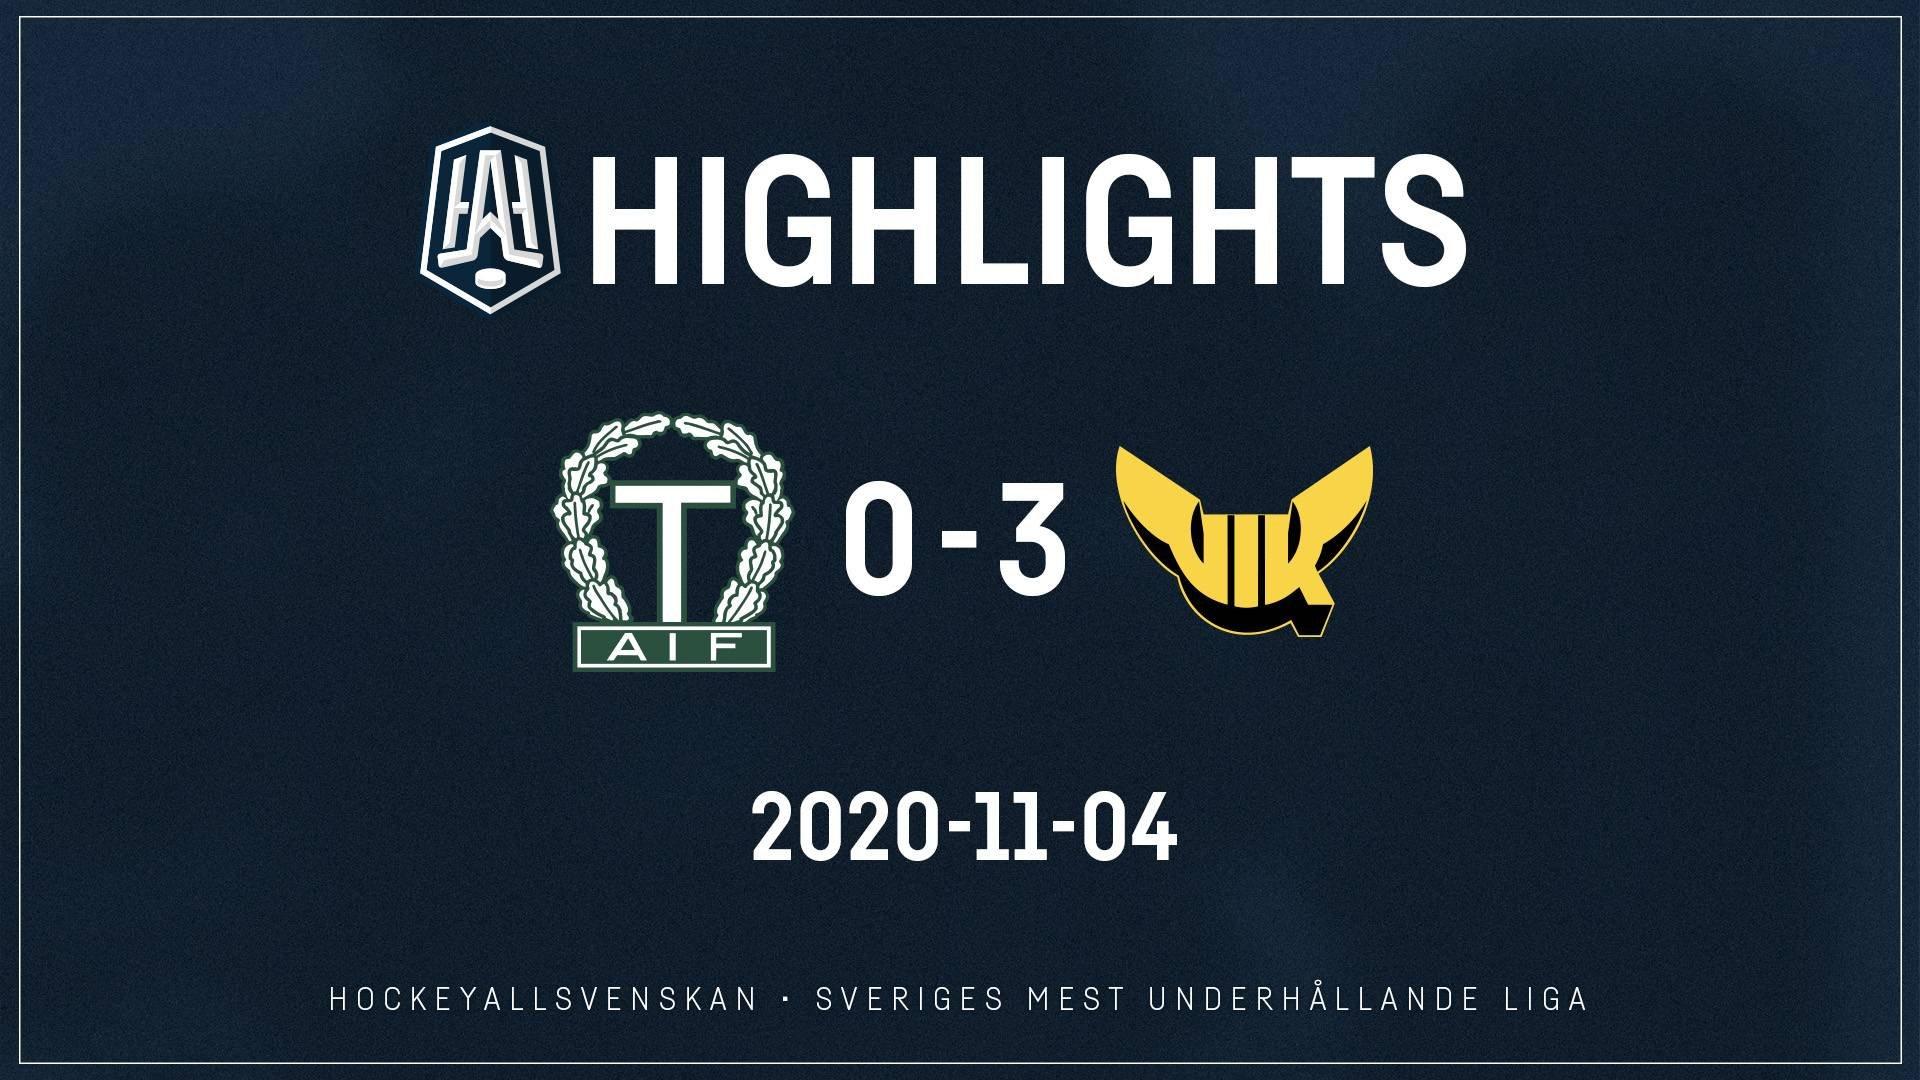 2020-11-04 Tingsryd - Västerås 0-3